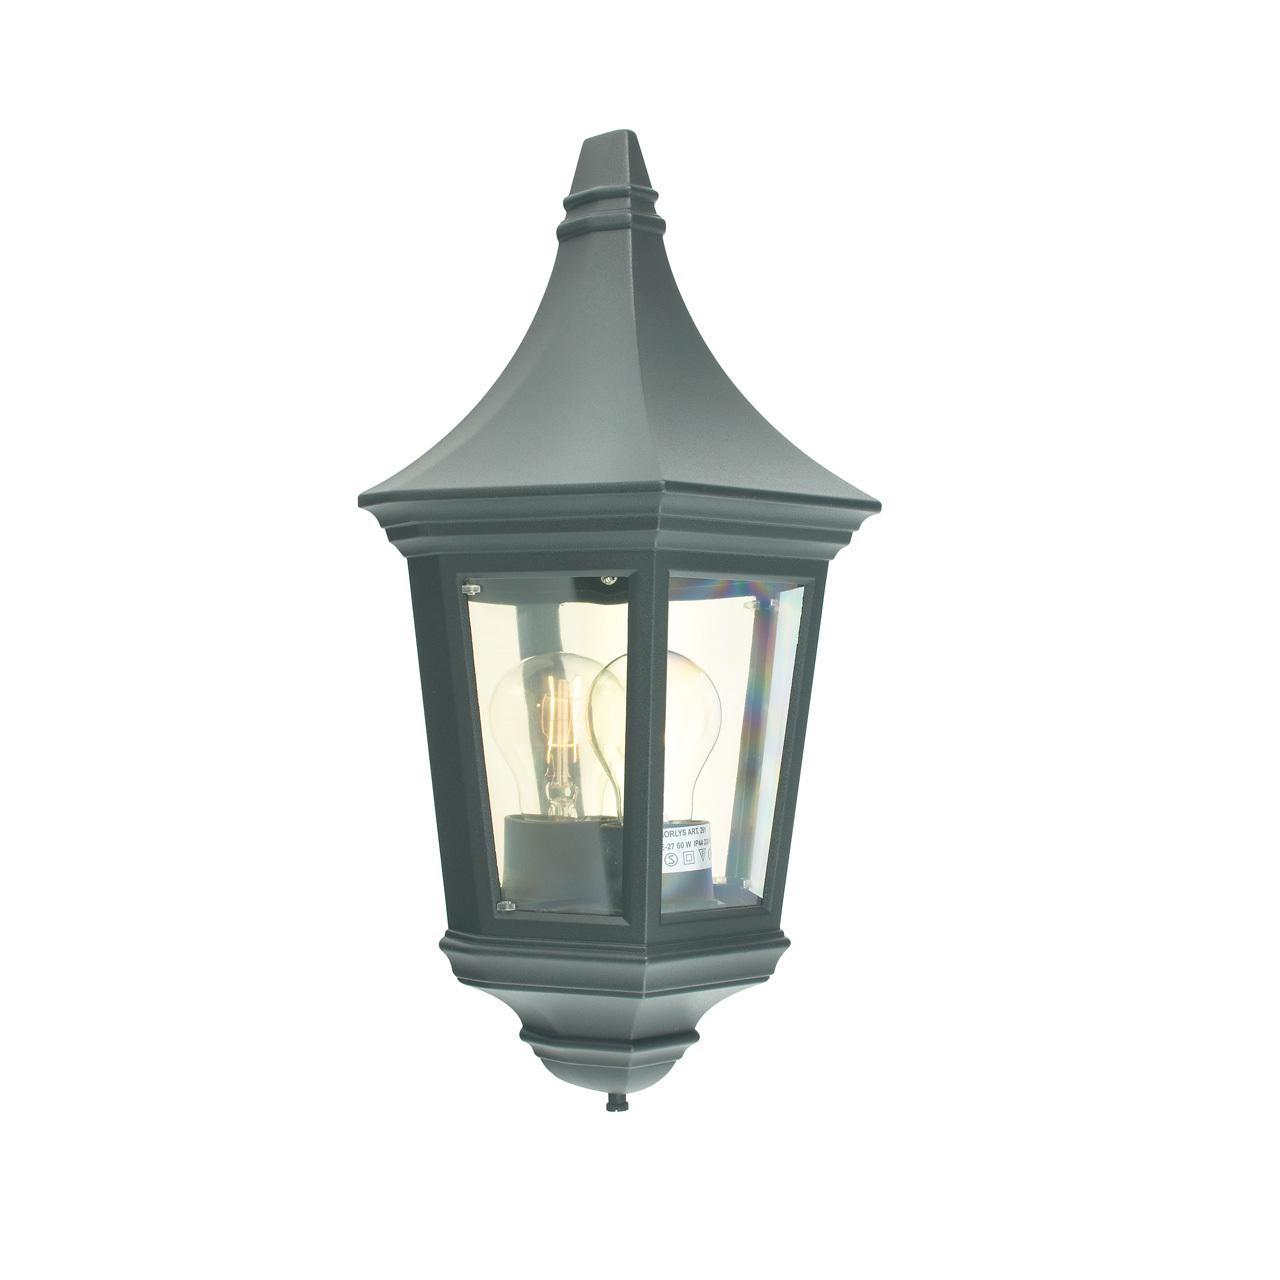 Lampa ścienna VENEDIG 261B -Norlys  SPRAWDŹ RABATY  5-10-15-20 % w koszyku